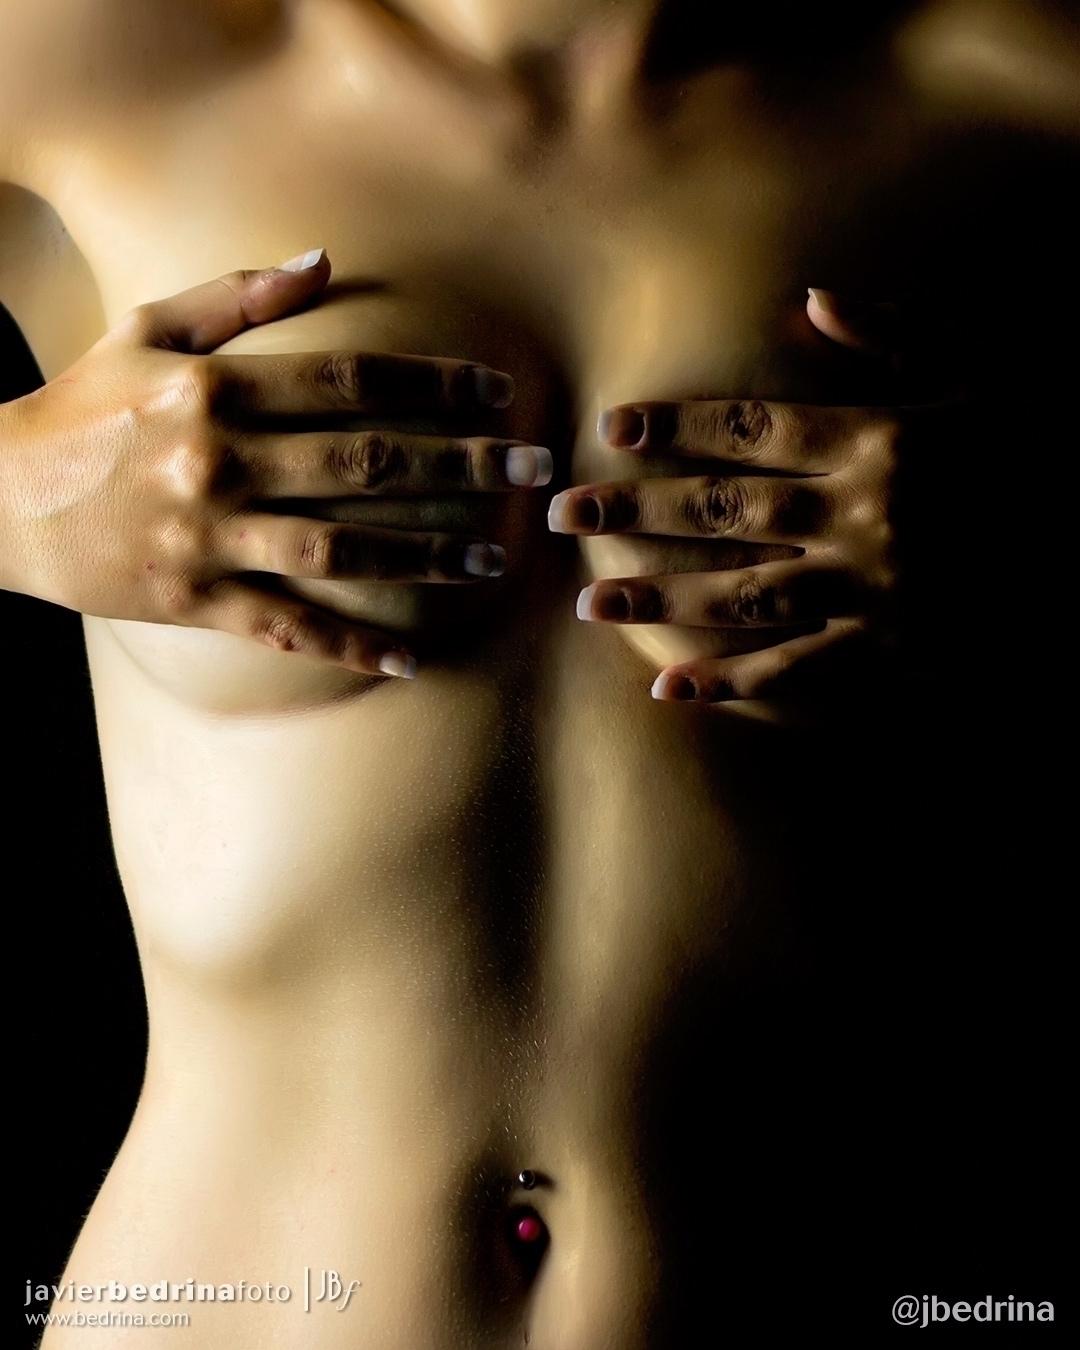 Golden Rising - nudity, bodyart - jbedrina | ello